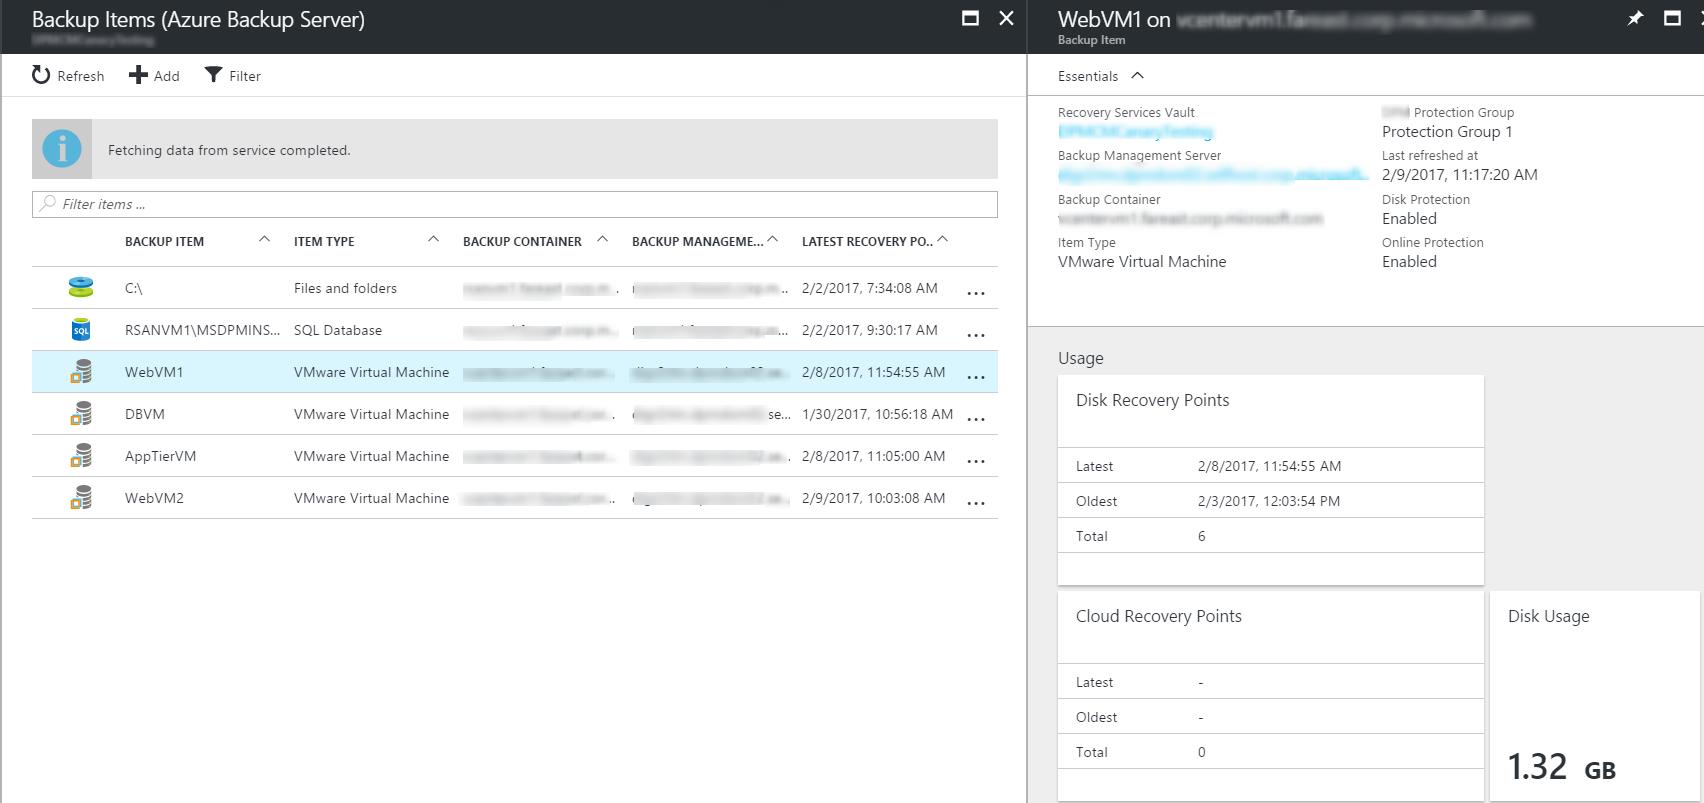 Azure Backup Server - central monitoring